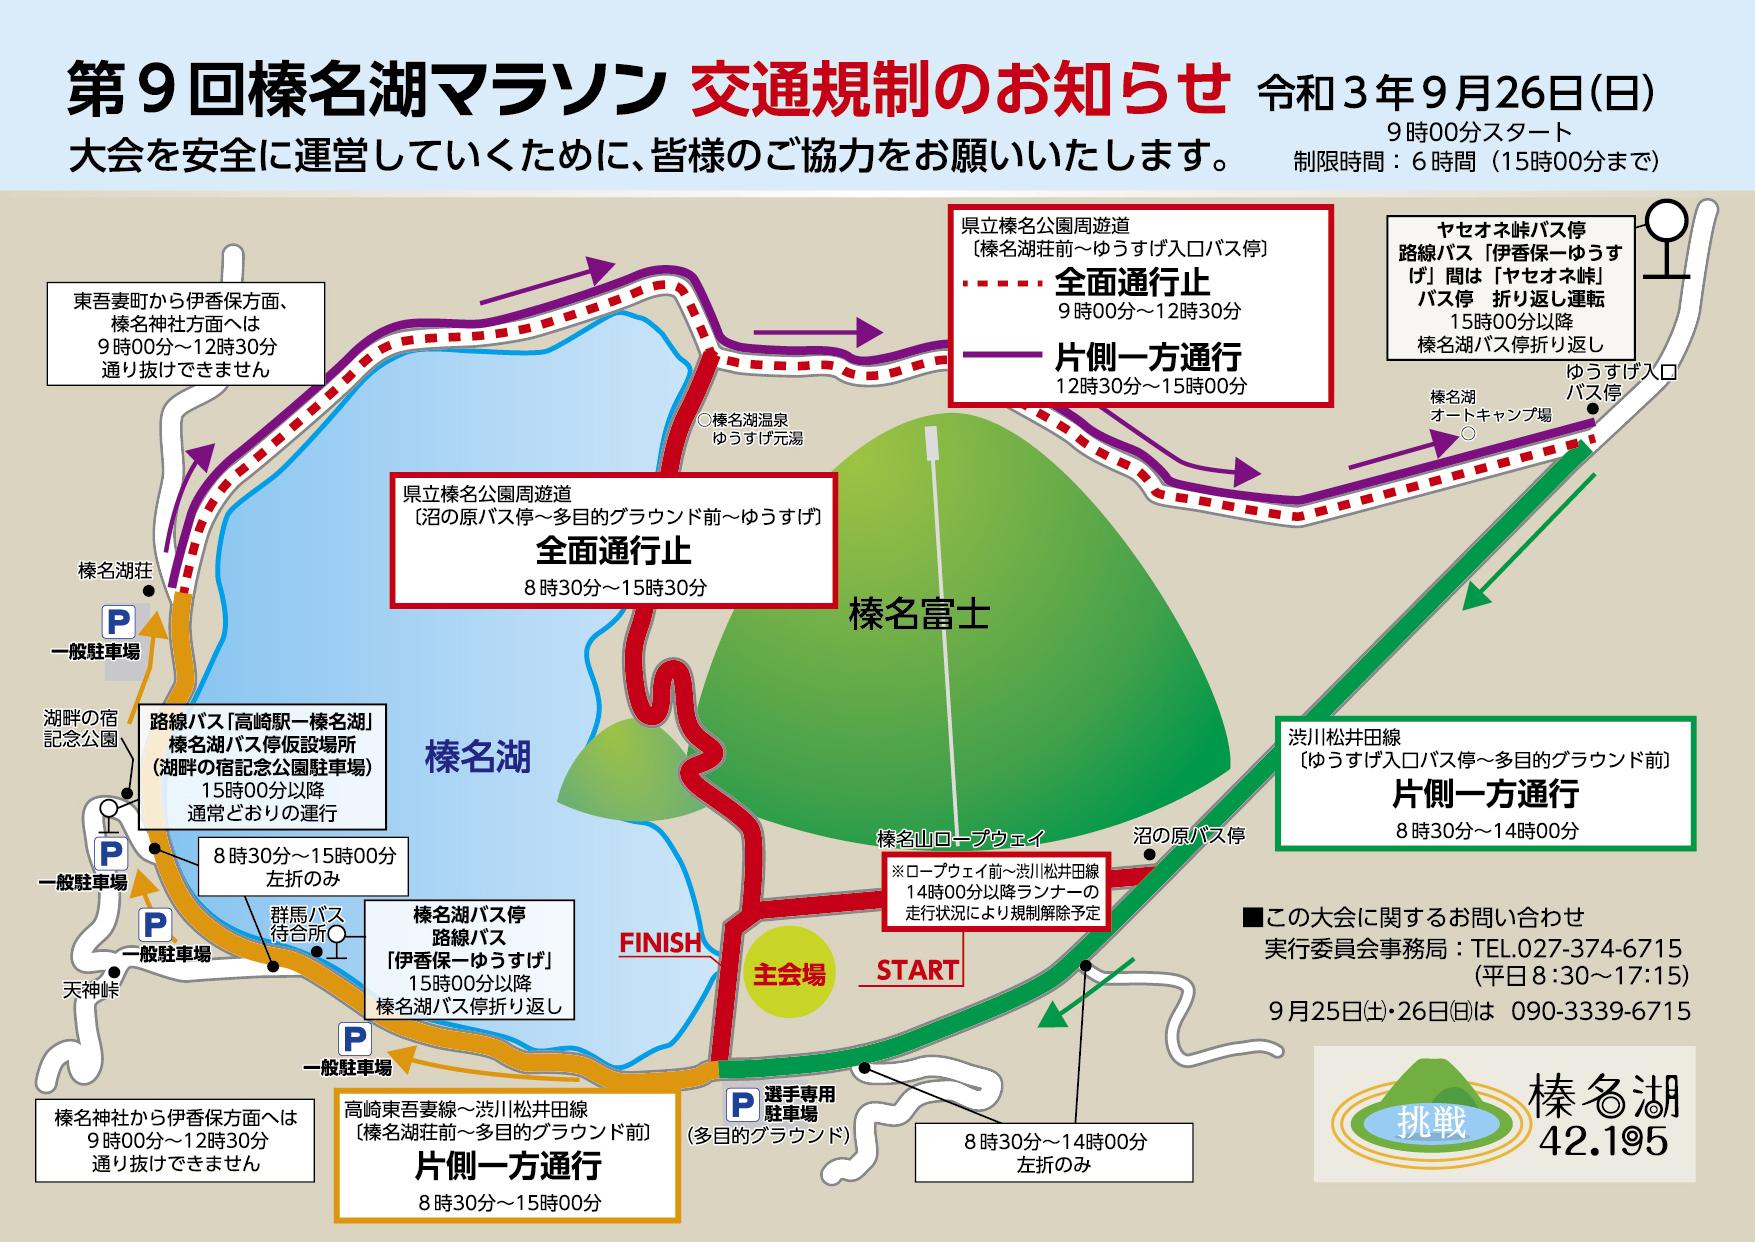 【通行止めのお知らせ】9/26(日)8:30~15:30